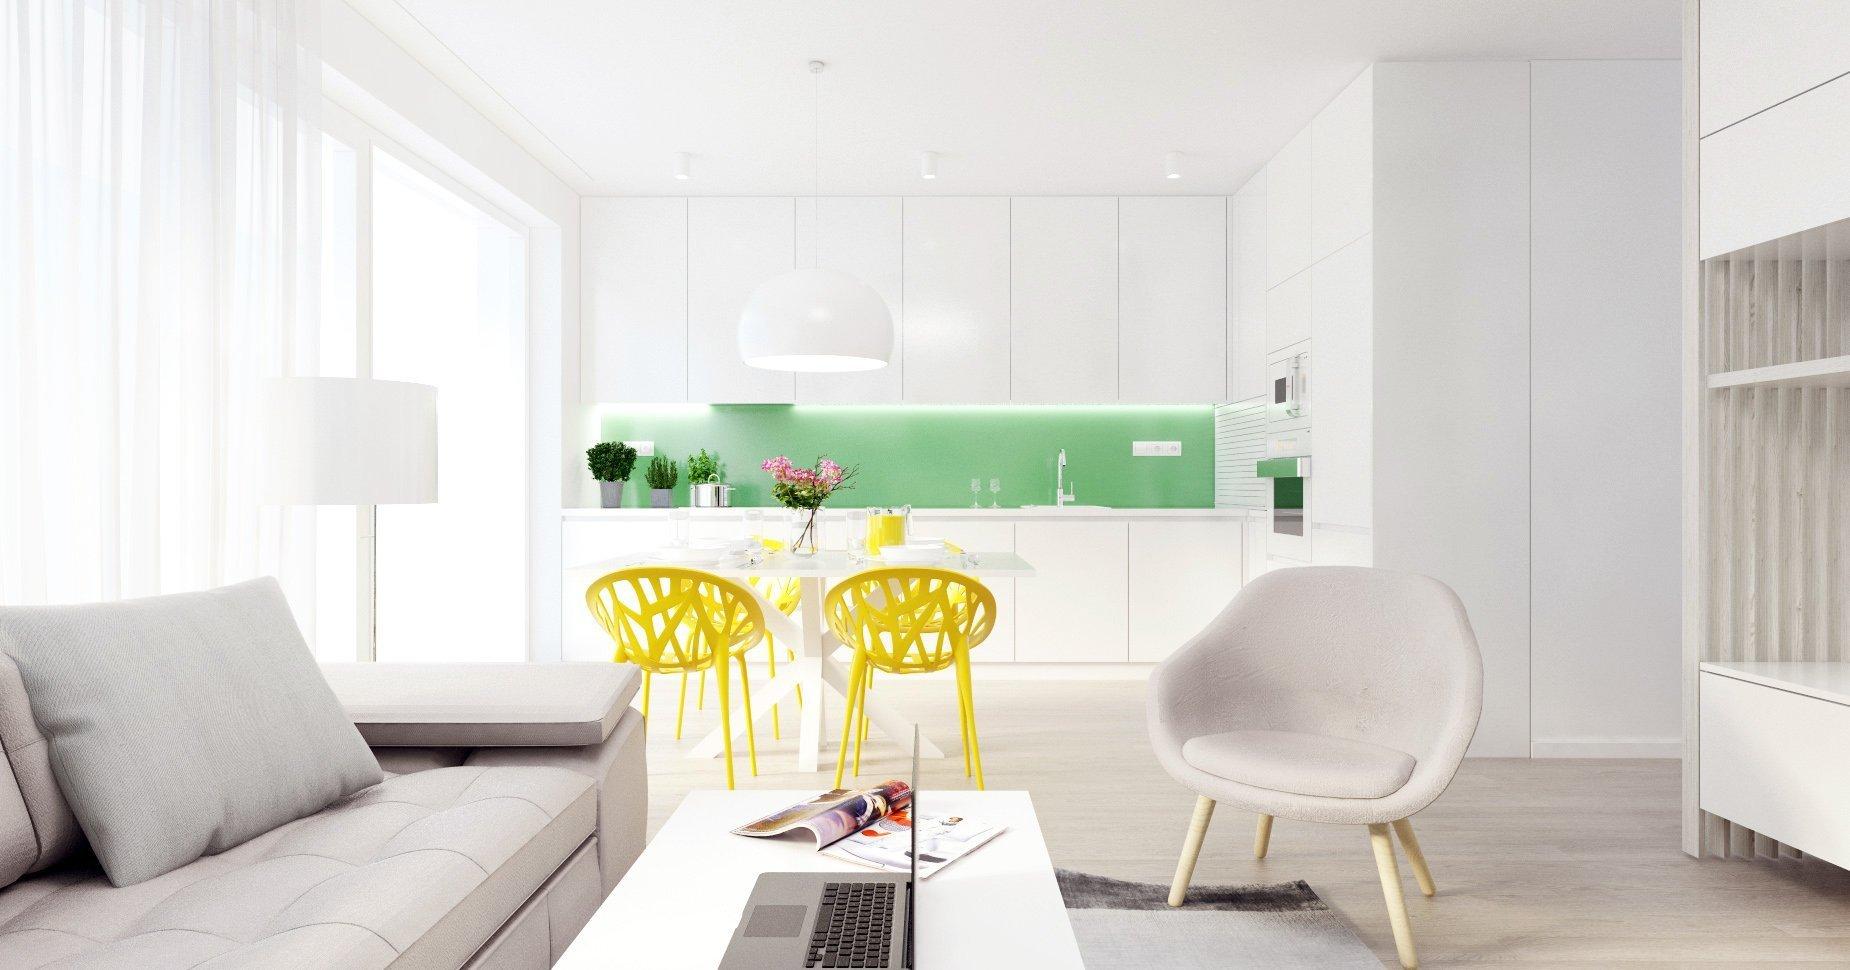 Svieži, dynamický a hravý - taký je tento interiér bytu v projekte Bory Bývanie. 4-izbový byt s výbornou dispozíciou je charakteristický spojenou dennou zónou…